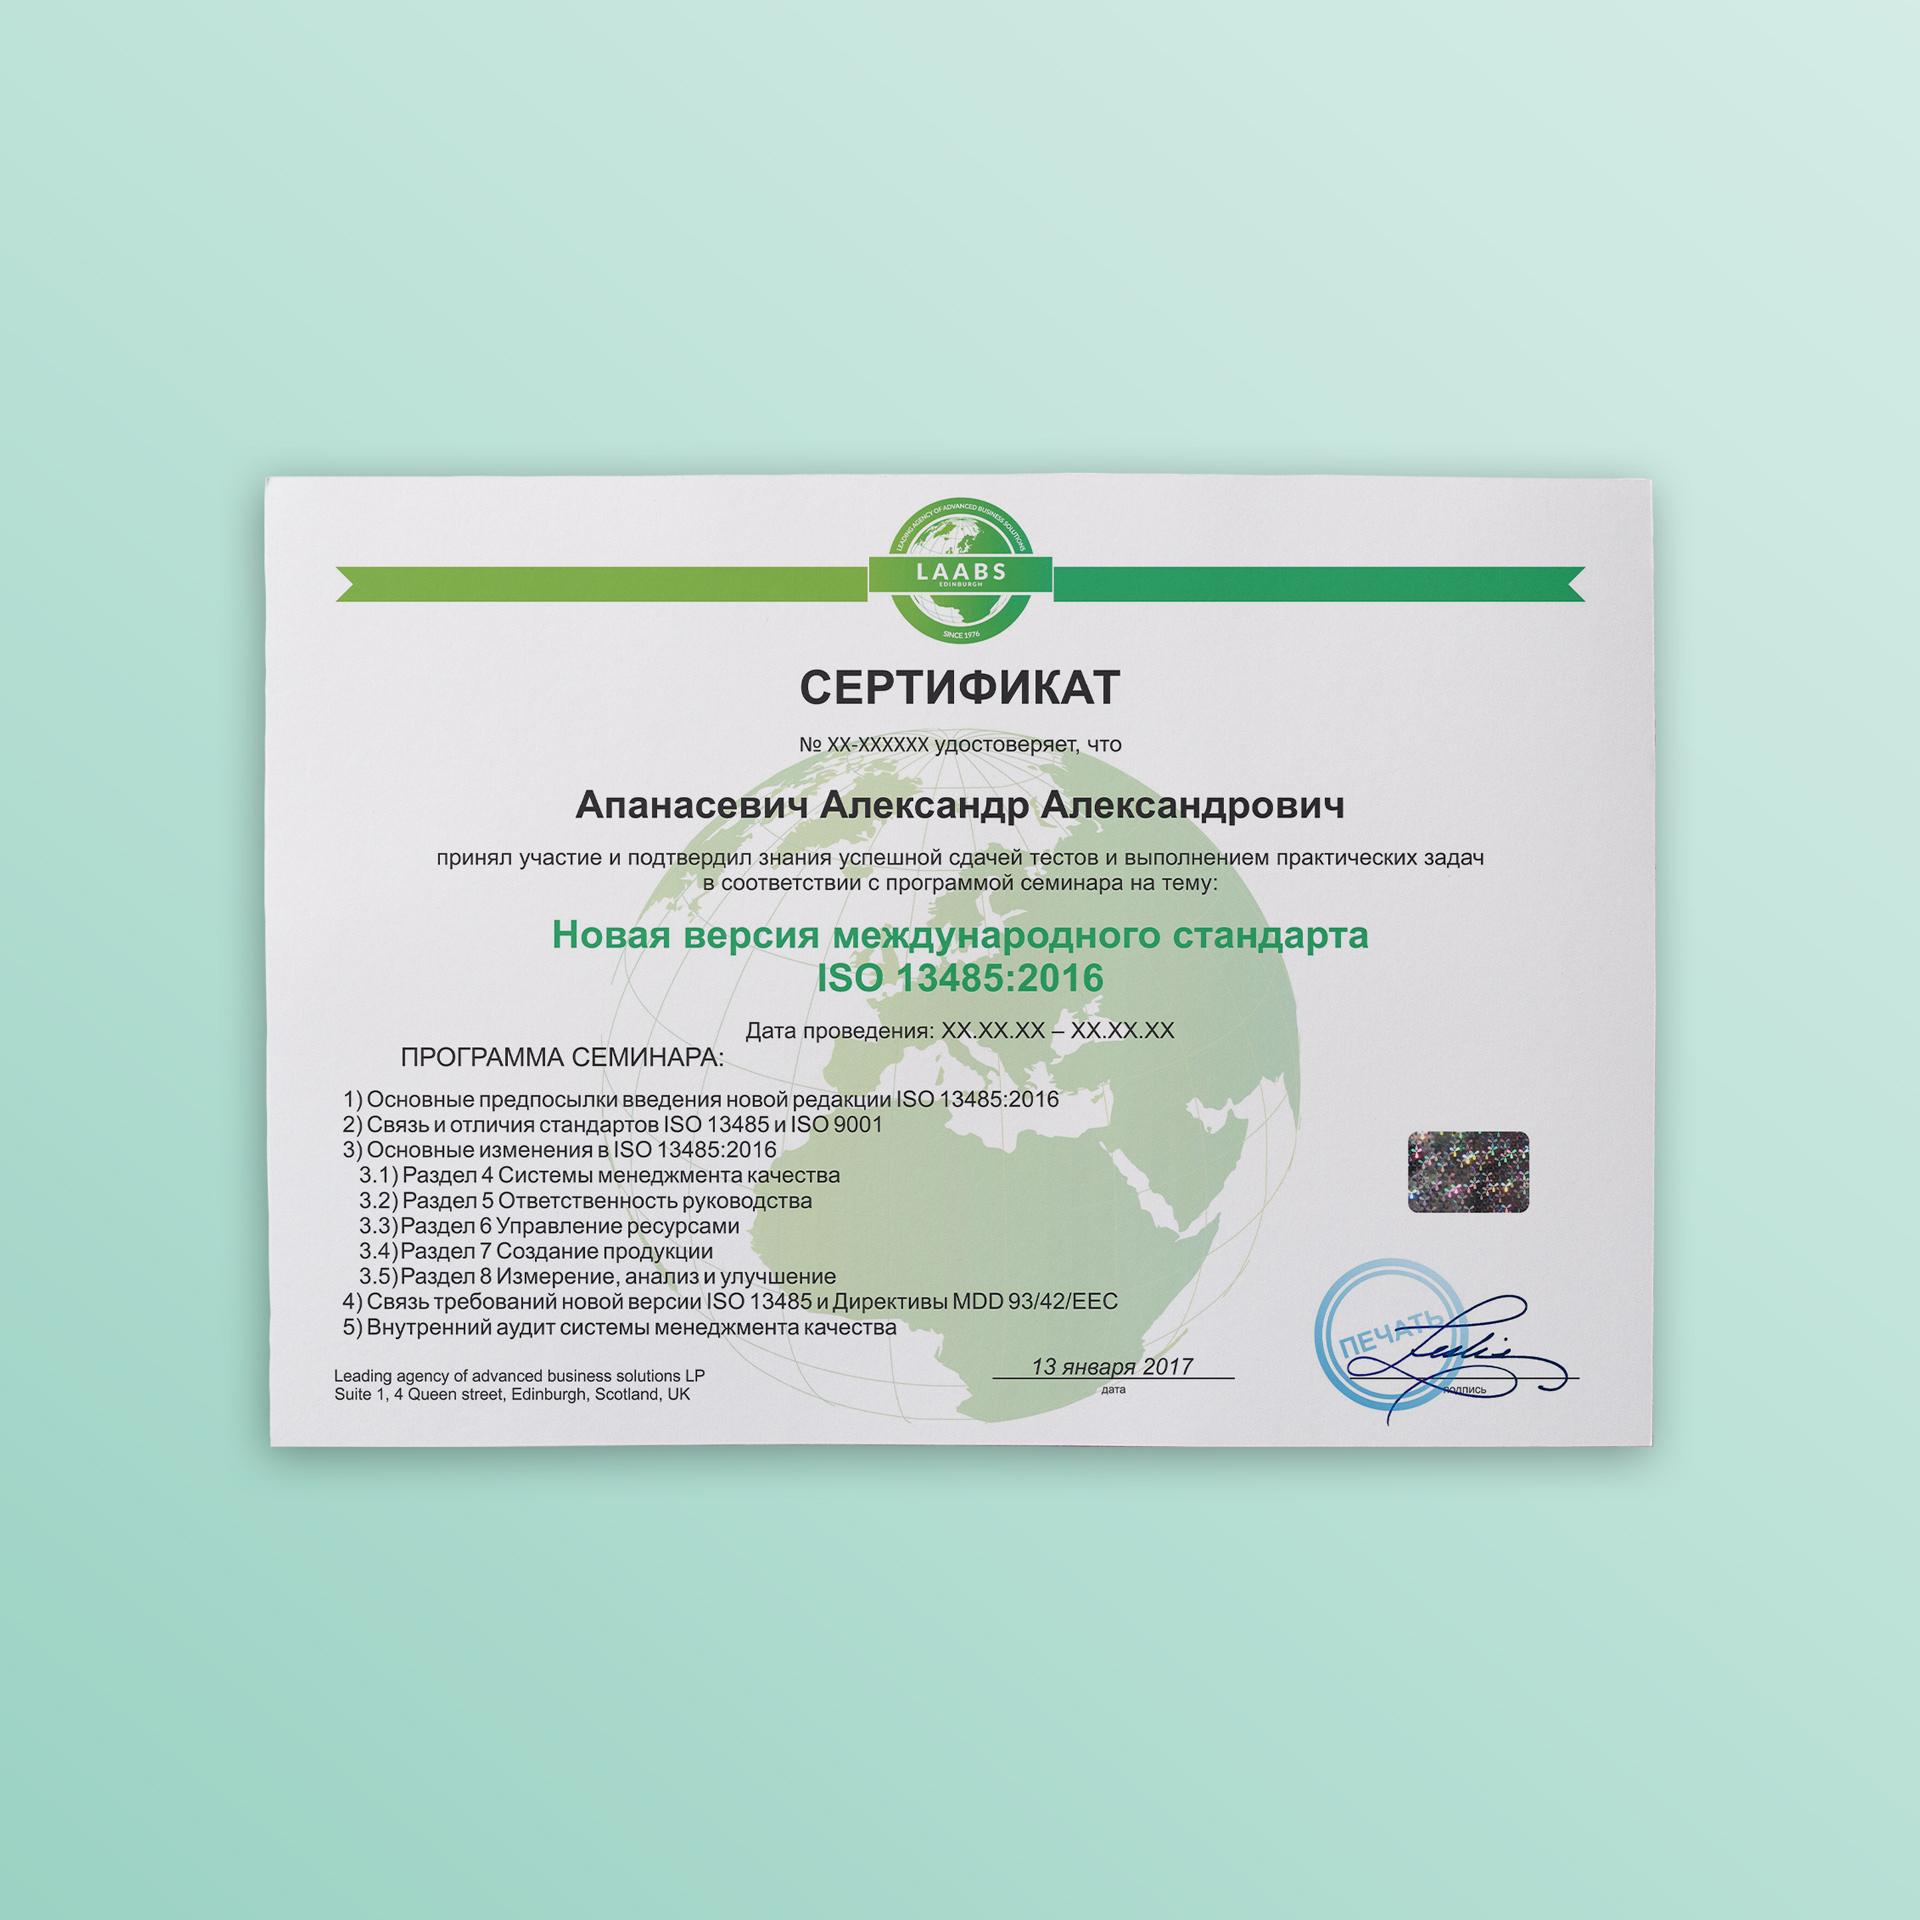 Необходимо разработать дизайн 3 сертификатов фото f_2565878a26777d96.jpg